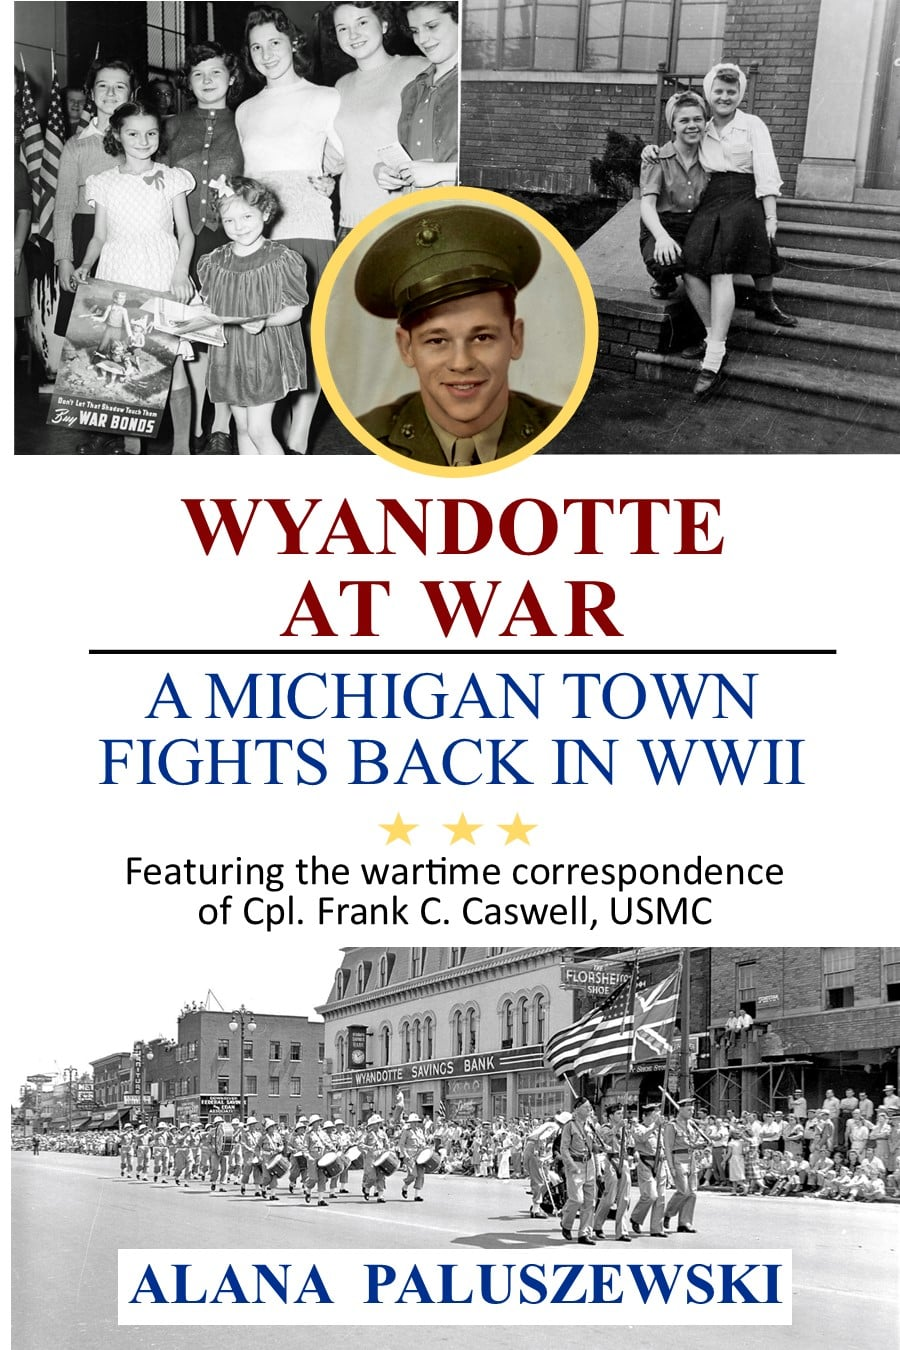 Wyandotte at War